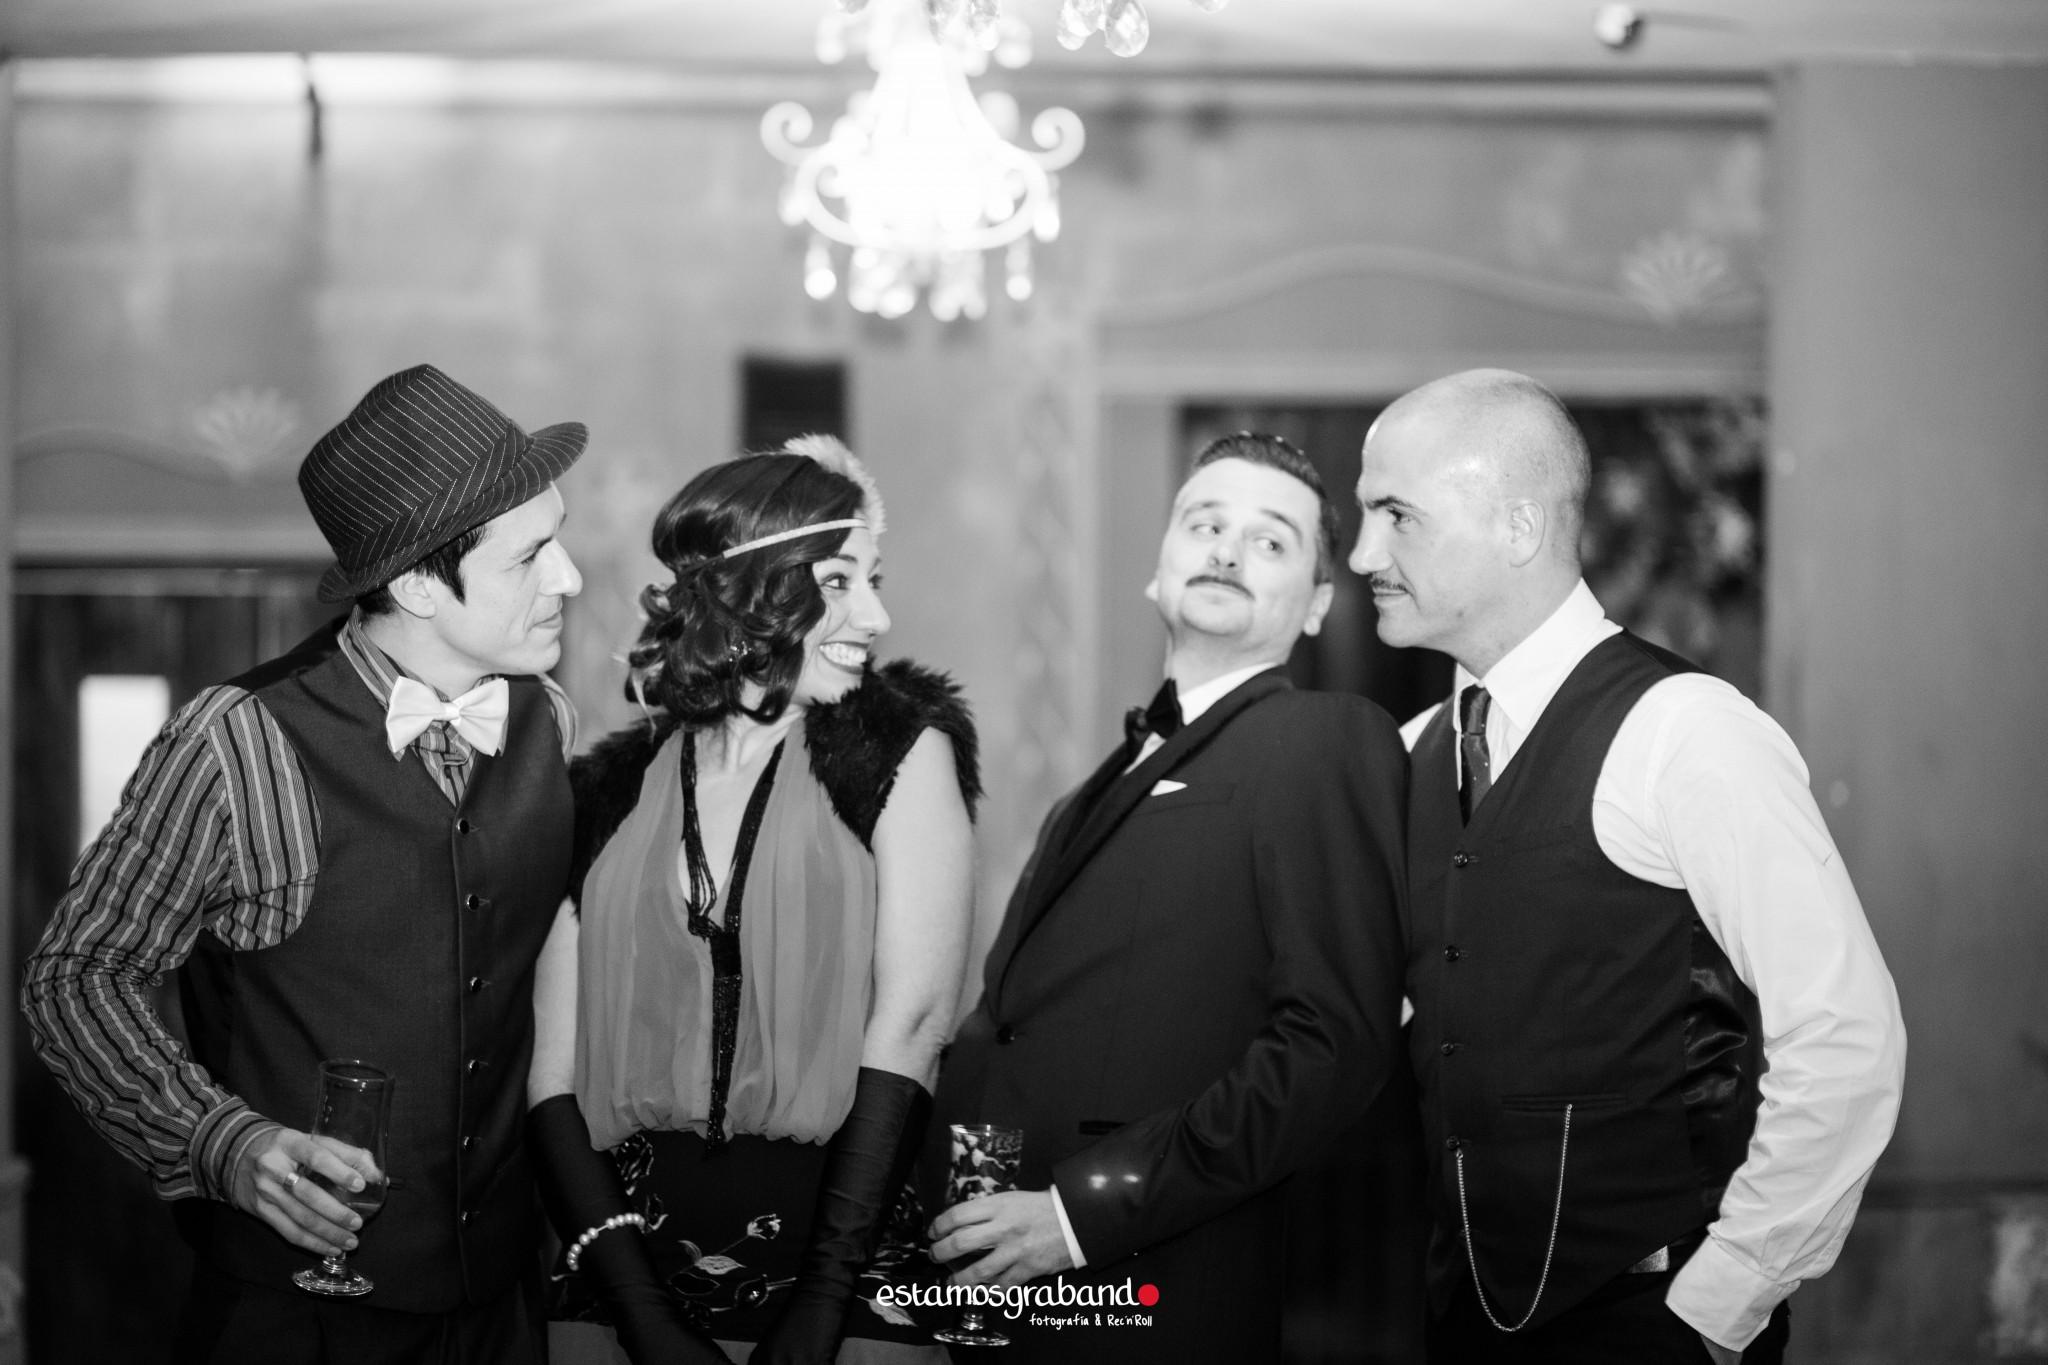 Años-20-BBTP-20-de-109 Los locos Años 20 [Fotografía en La Teta de Julieta, Cádiz] - video boda cadiz